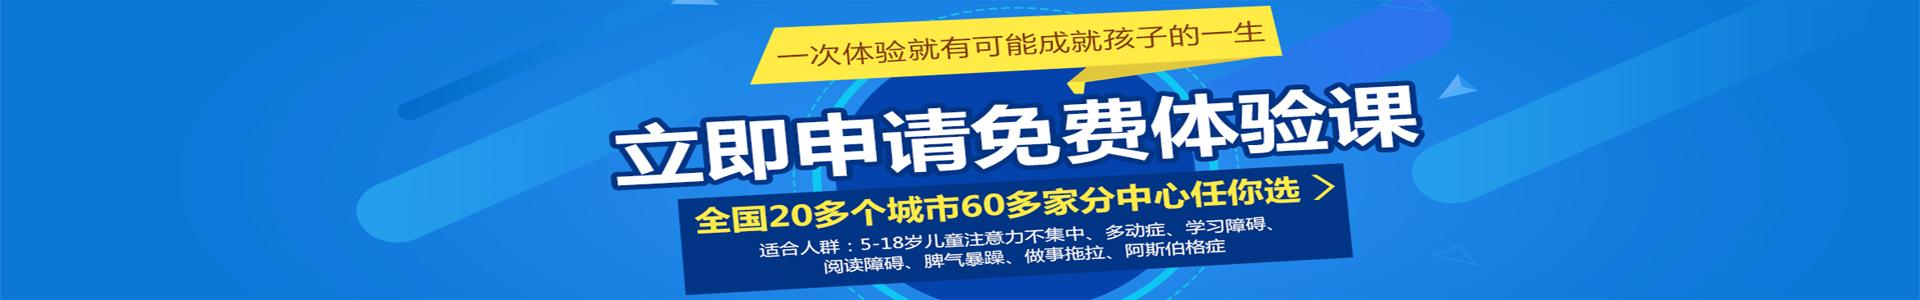 竞思教育-武汉校区